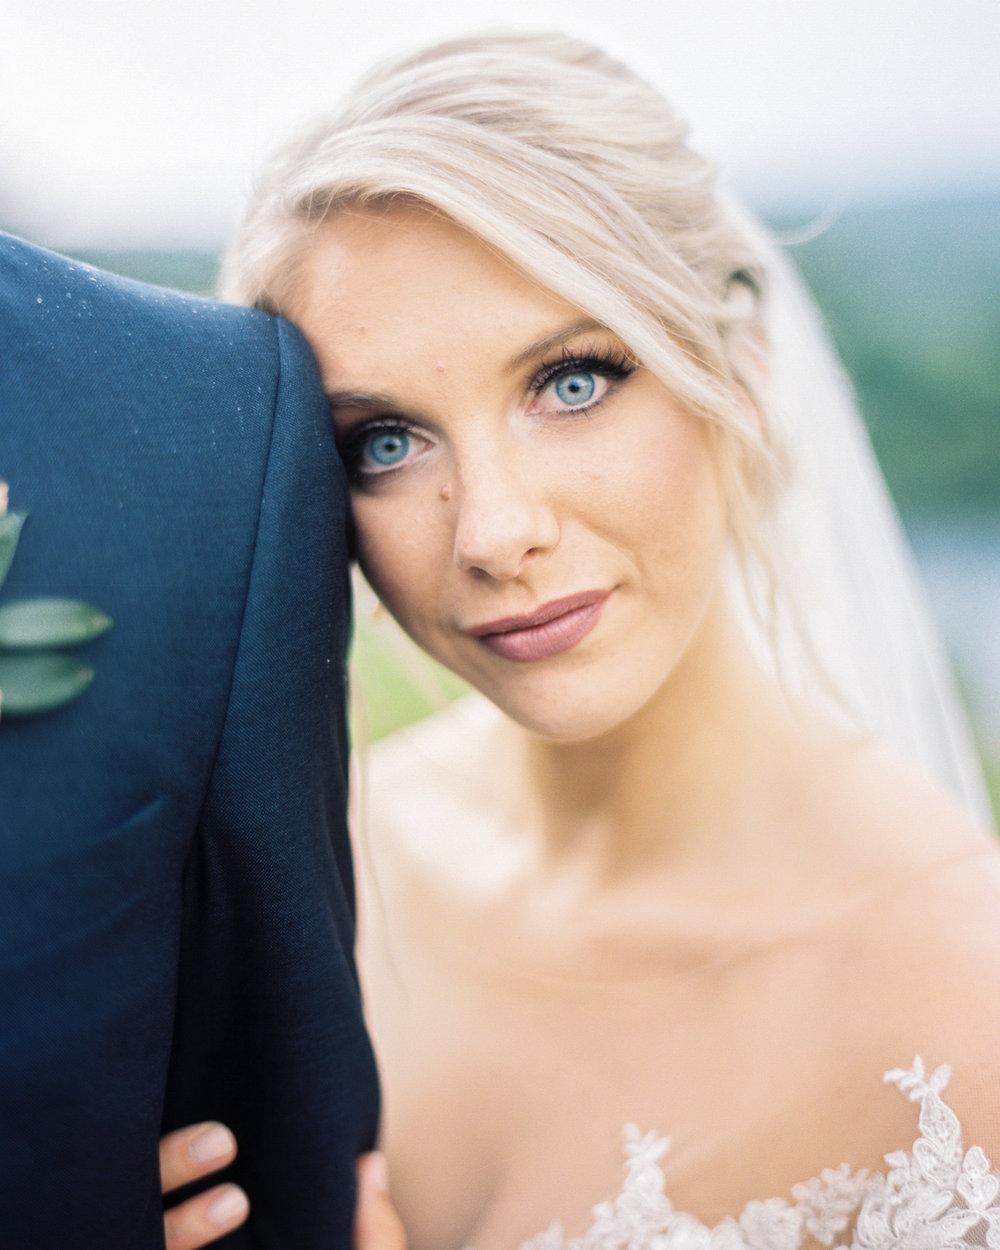 Sorella-farms-barn-wedding-venue-lynchburg-film-photographer-61.jpg